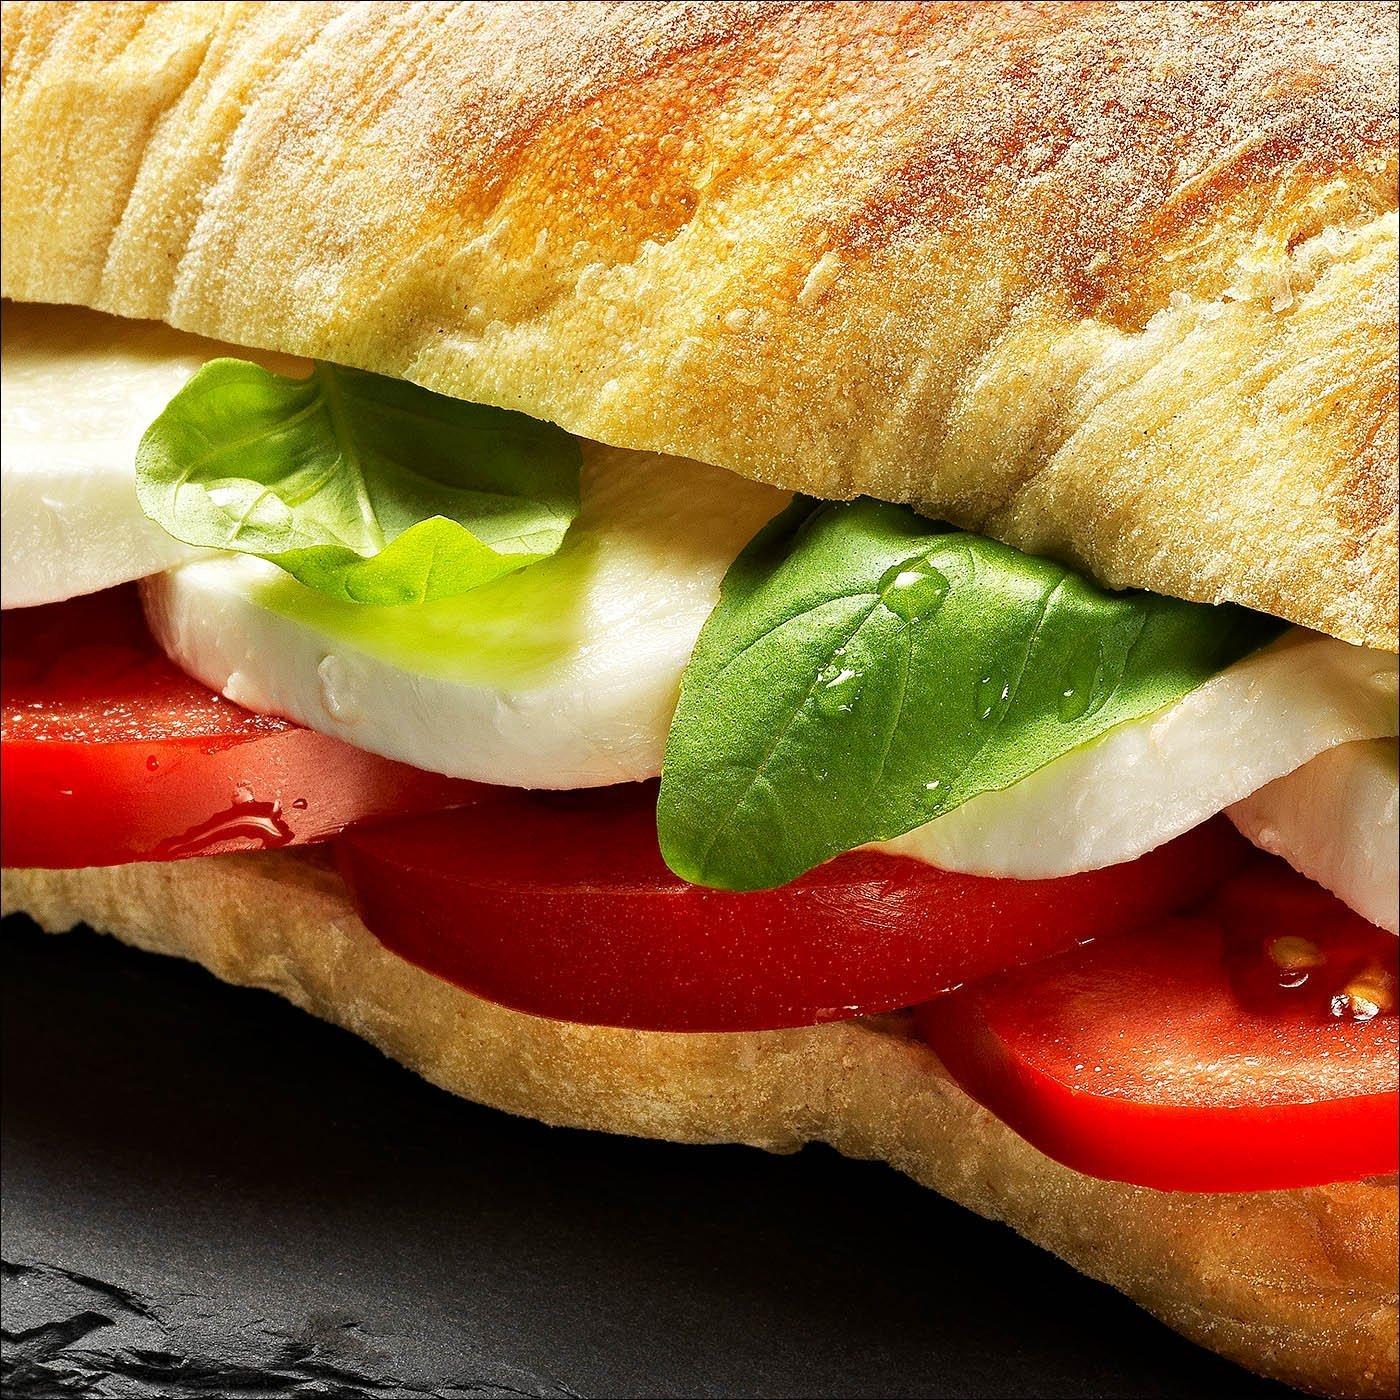 Fotografia campagne pubblicitarie prodotti da forno | Andrea Sudati Photo Studio